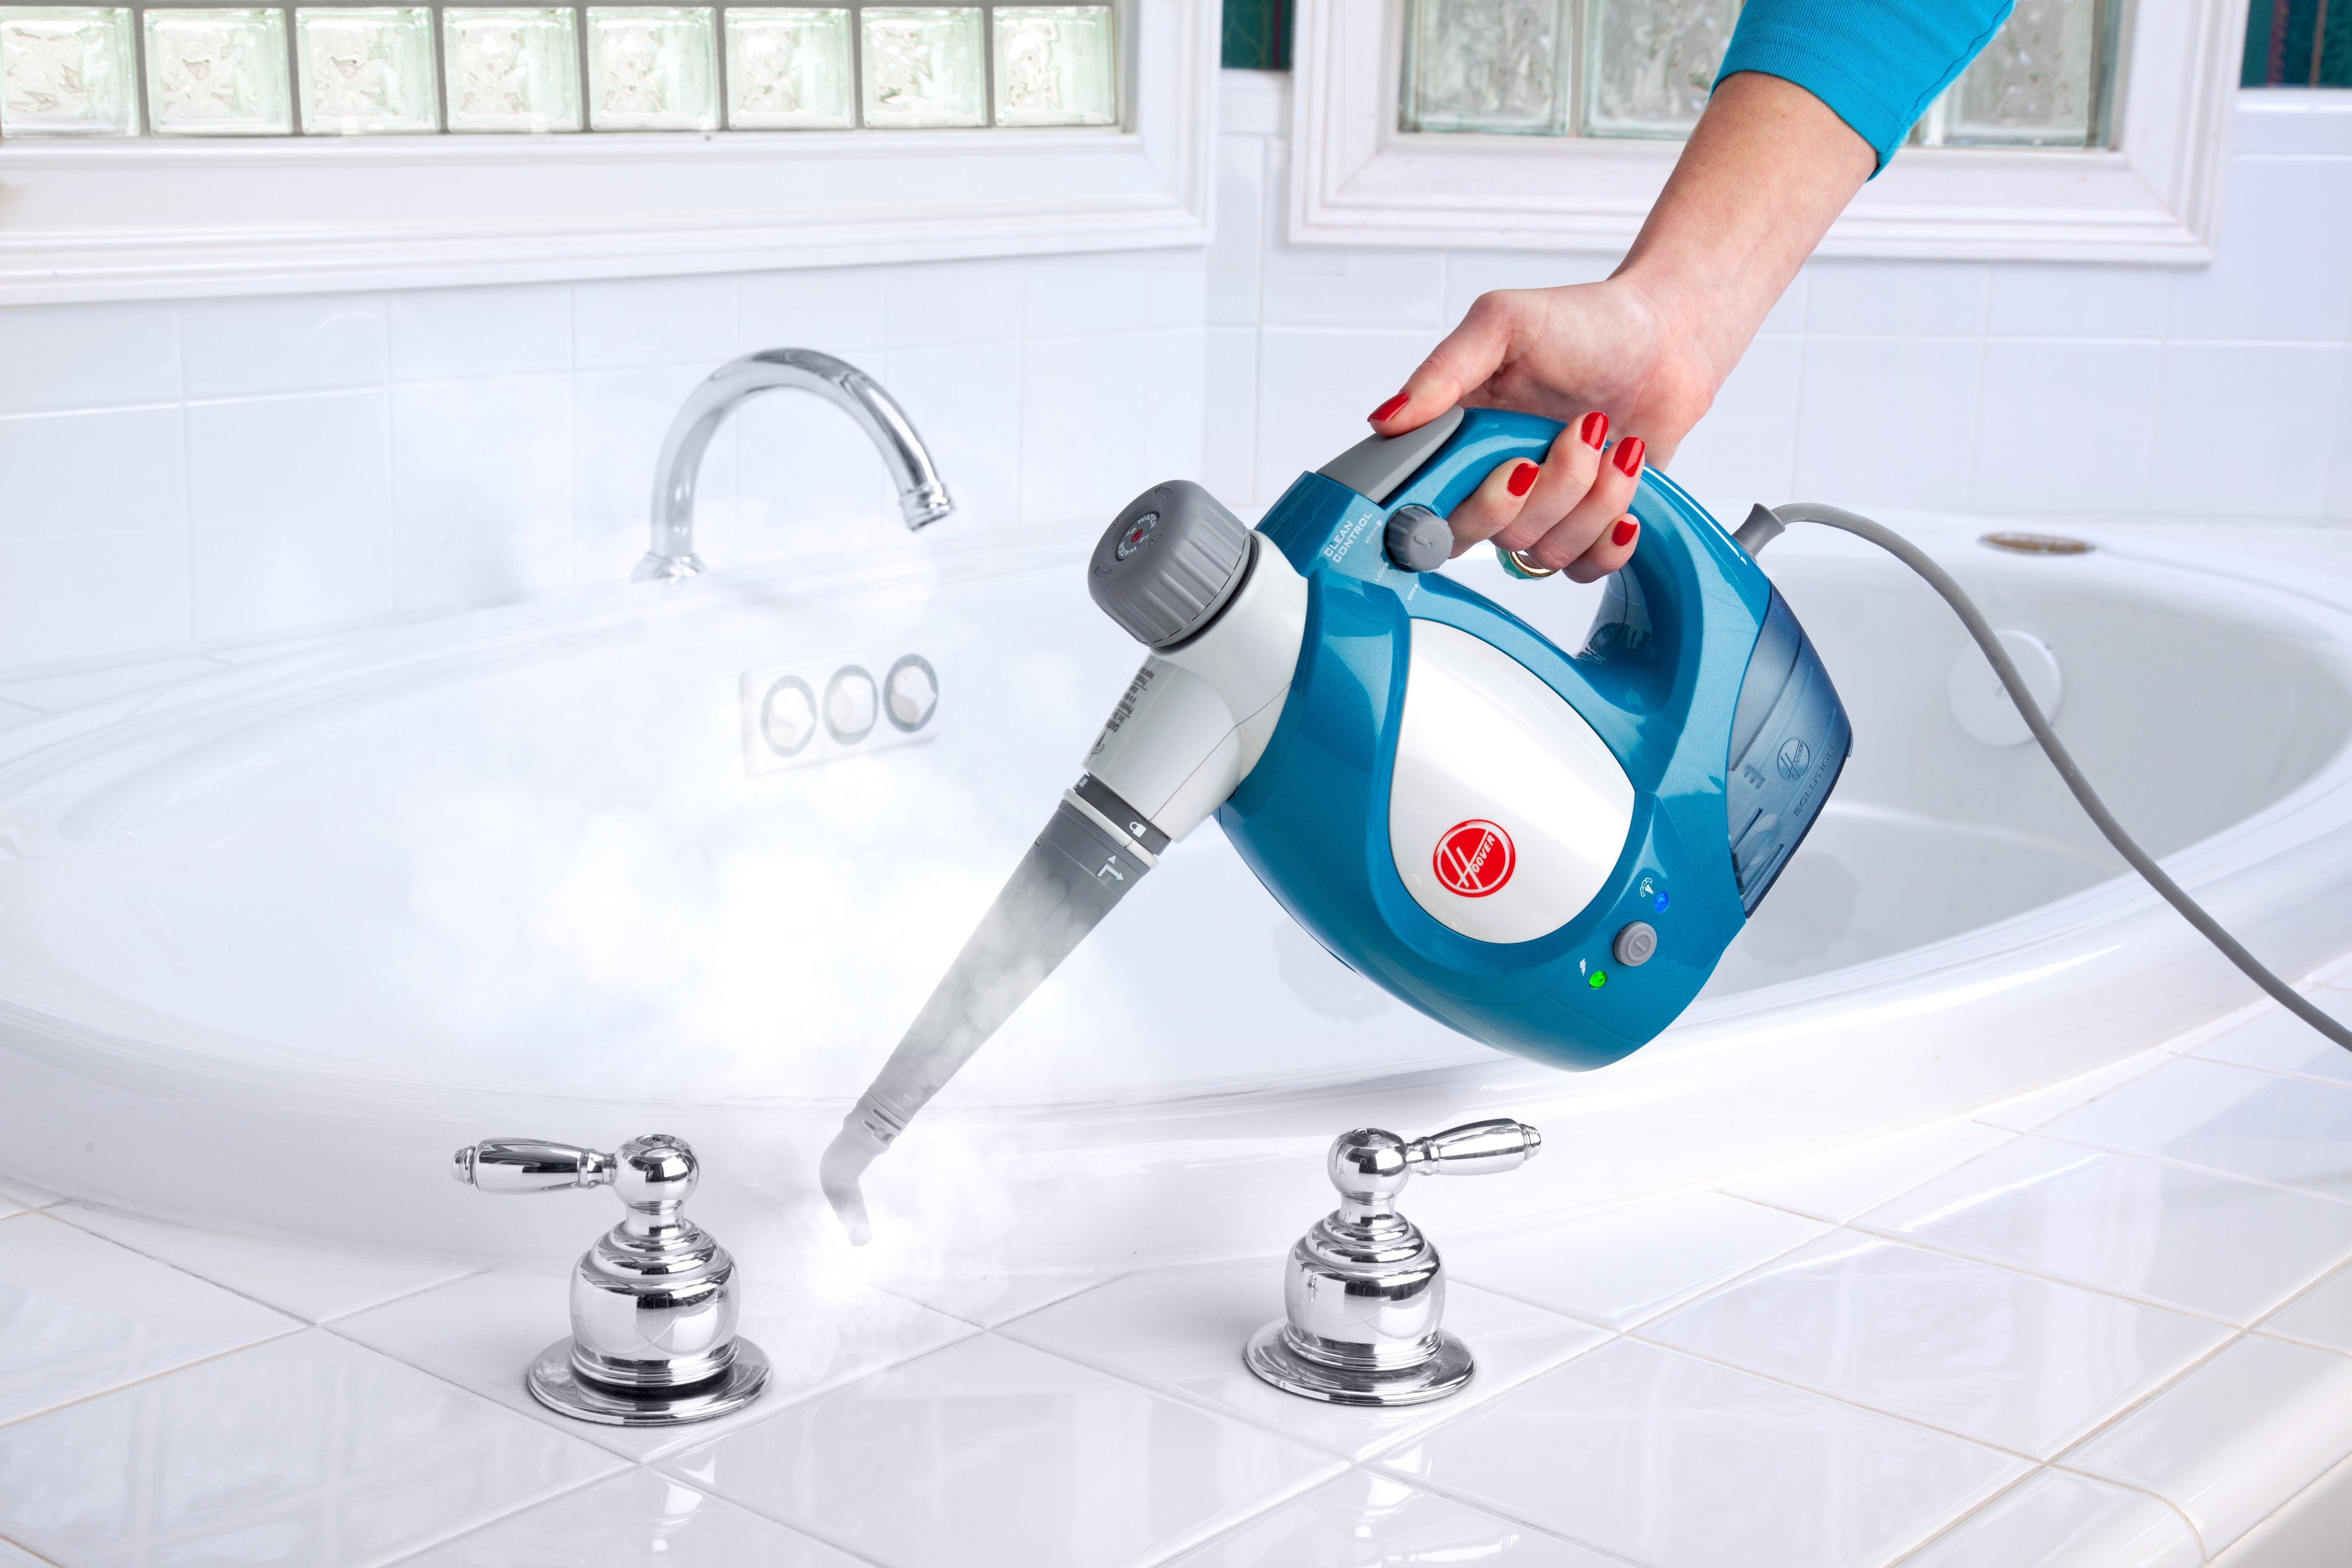 TwinTank Handheld Steam Cleaner6